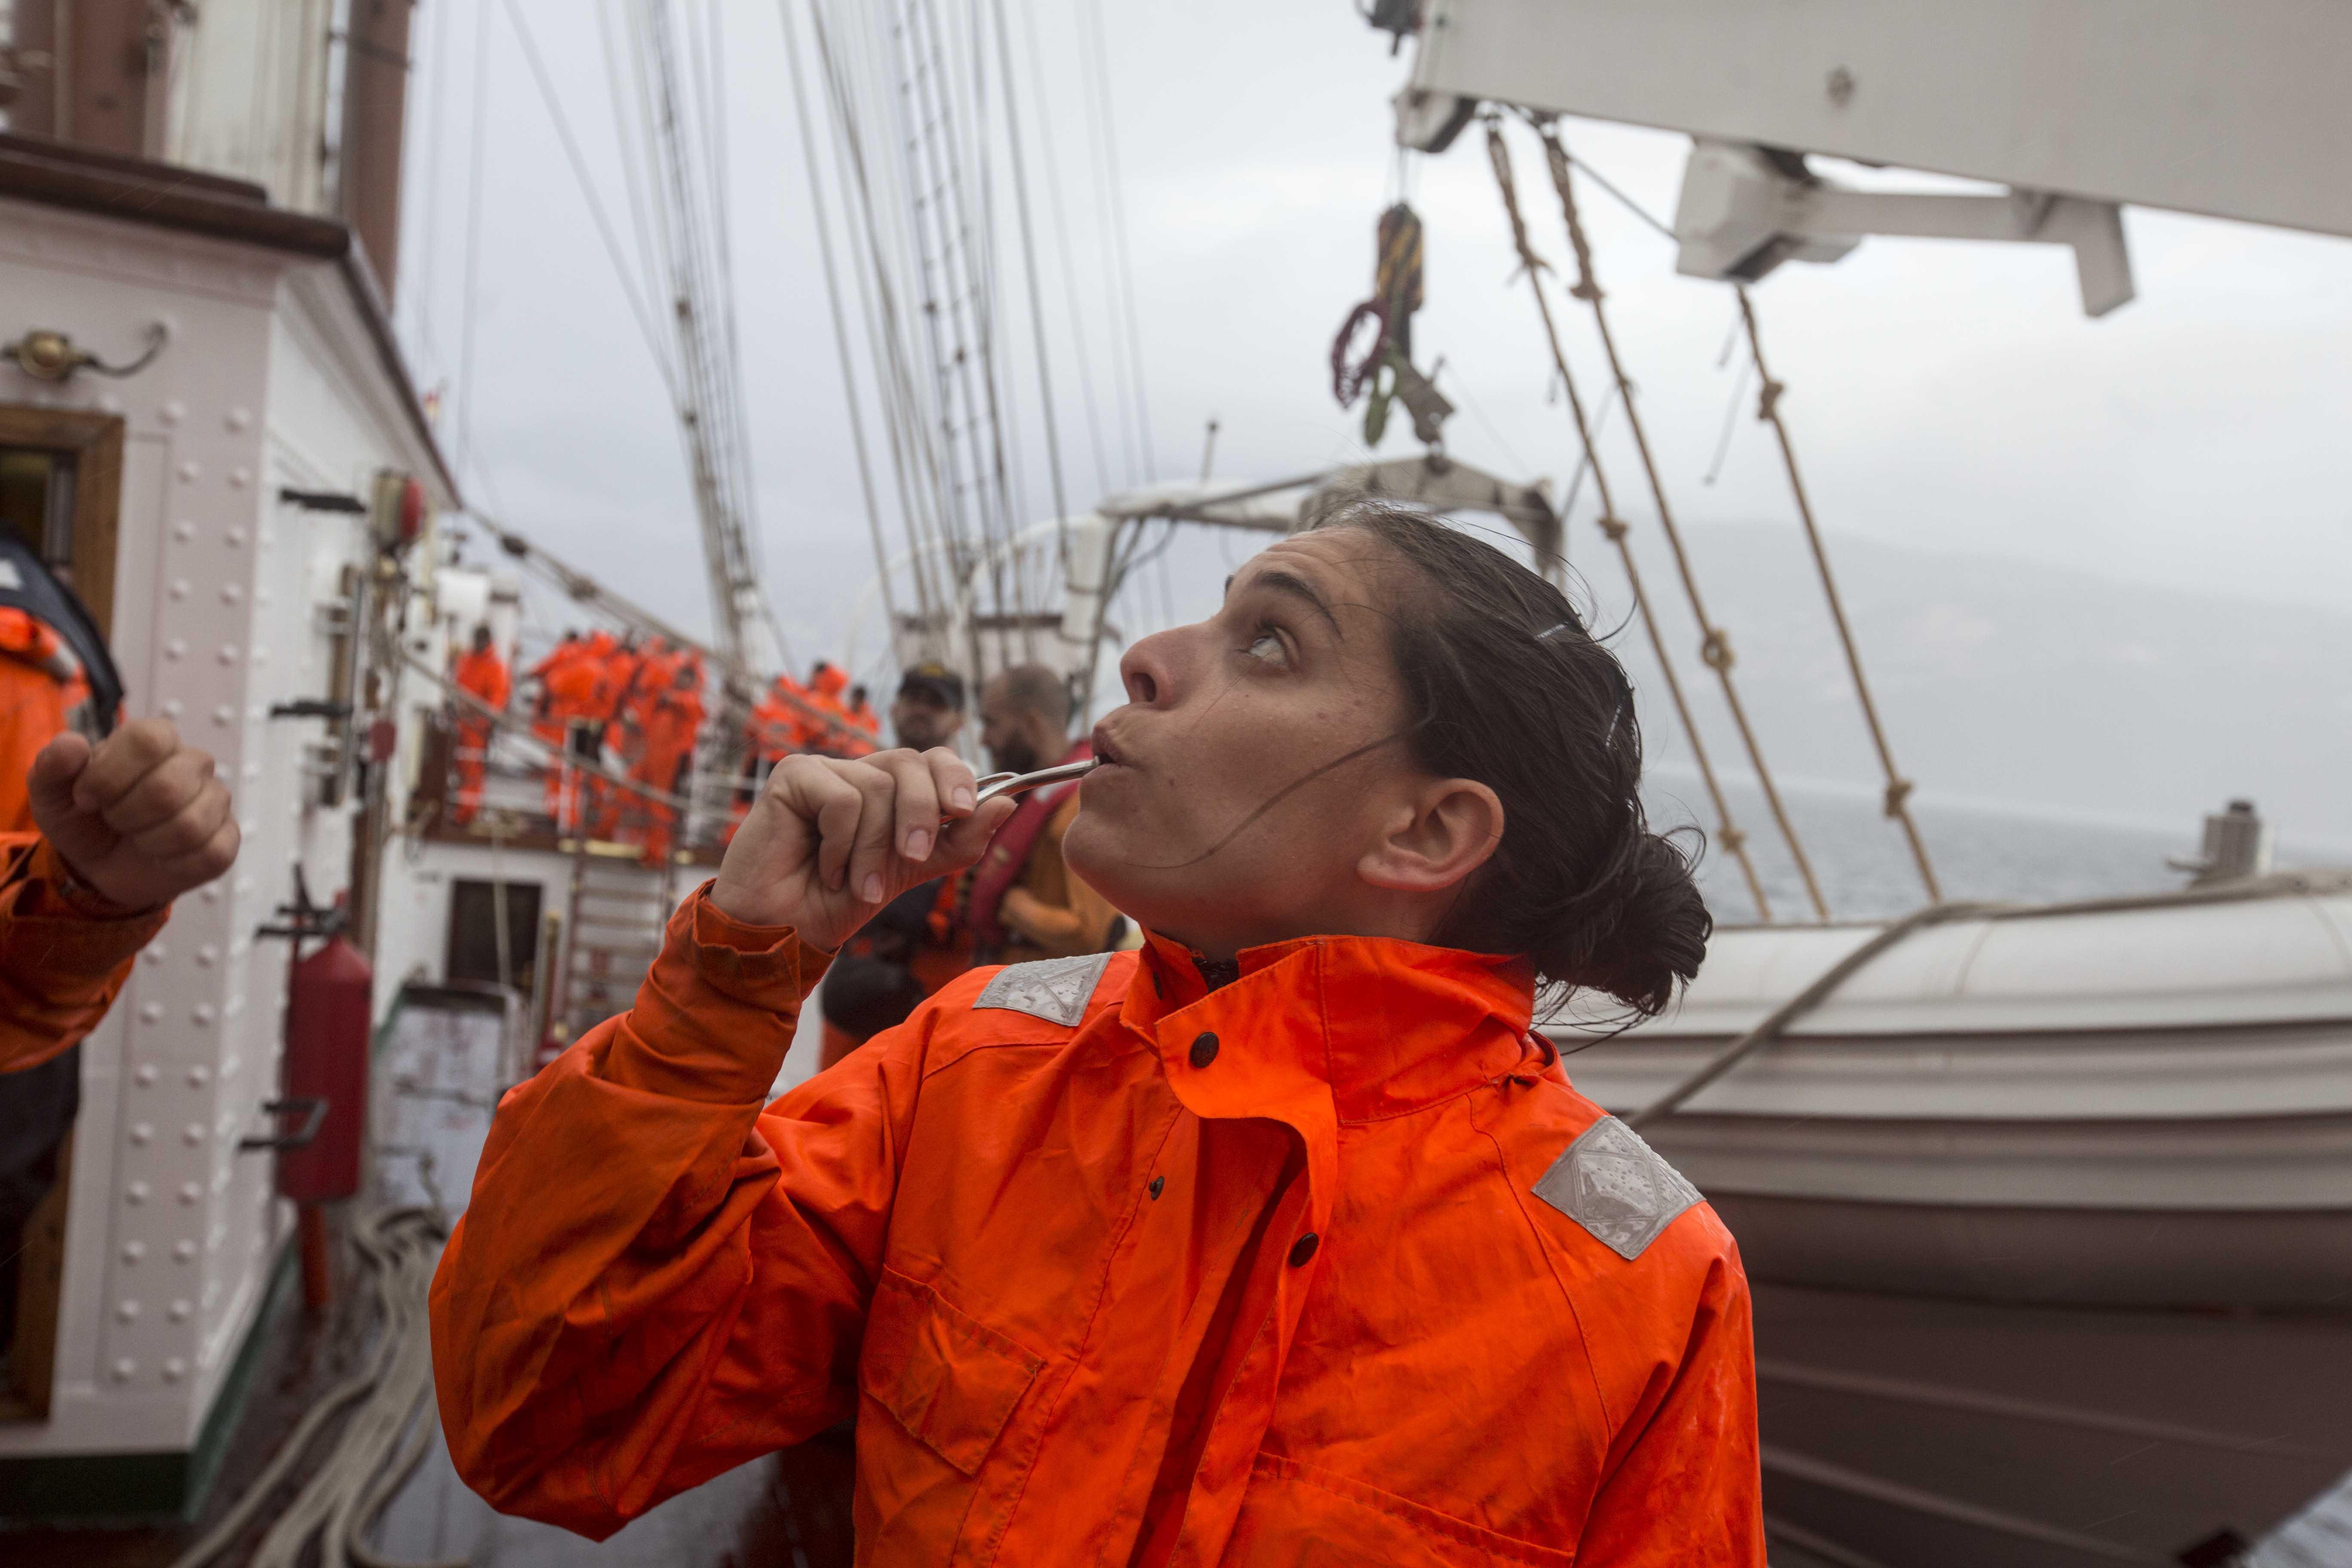 La sargento Borrueco dando órdenes con el chifle durante la maniobra general a la salida del puerto portugués de Funchal. Foto: Antonio Vázquez